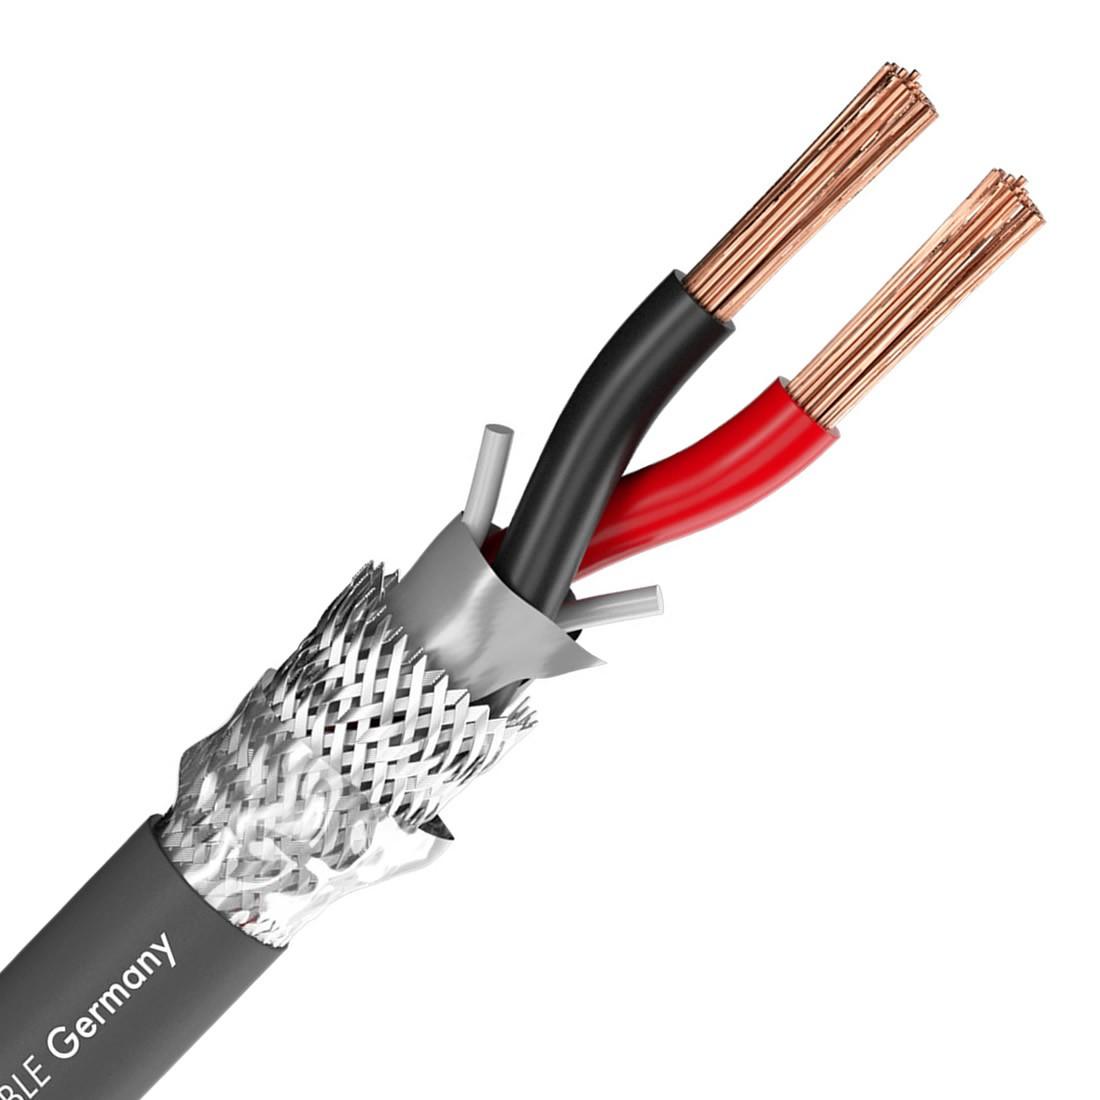 SOMMERCABLE MERIDIAN SP240 FG Câble OFC FRNC Blindé 2x4mm² Ø10mm